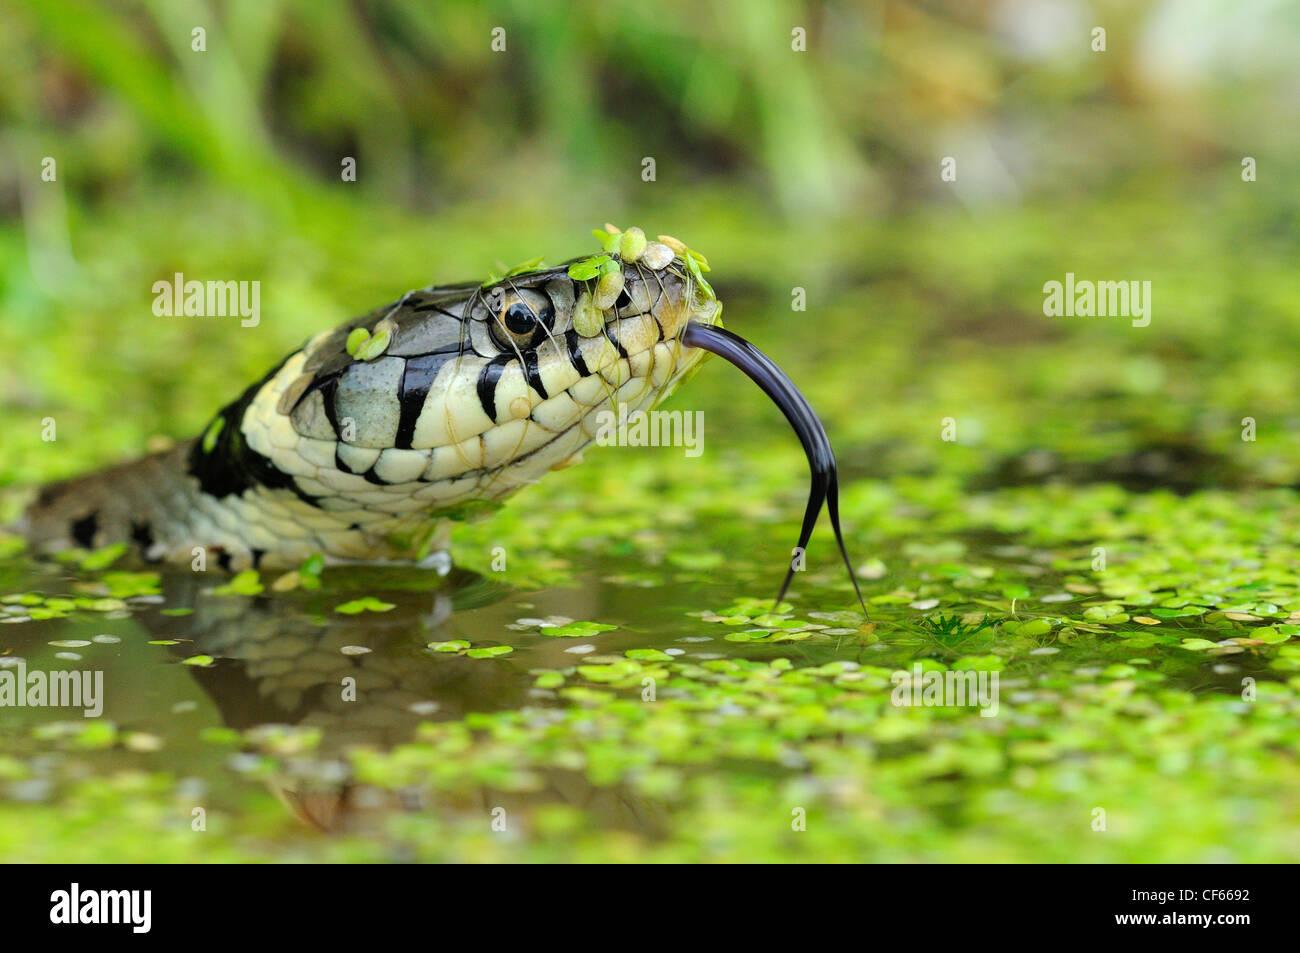 Une Couleuvre à collier (Natrix natrix) dans l'eau. Banque D'Images